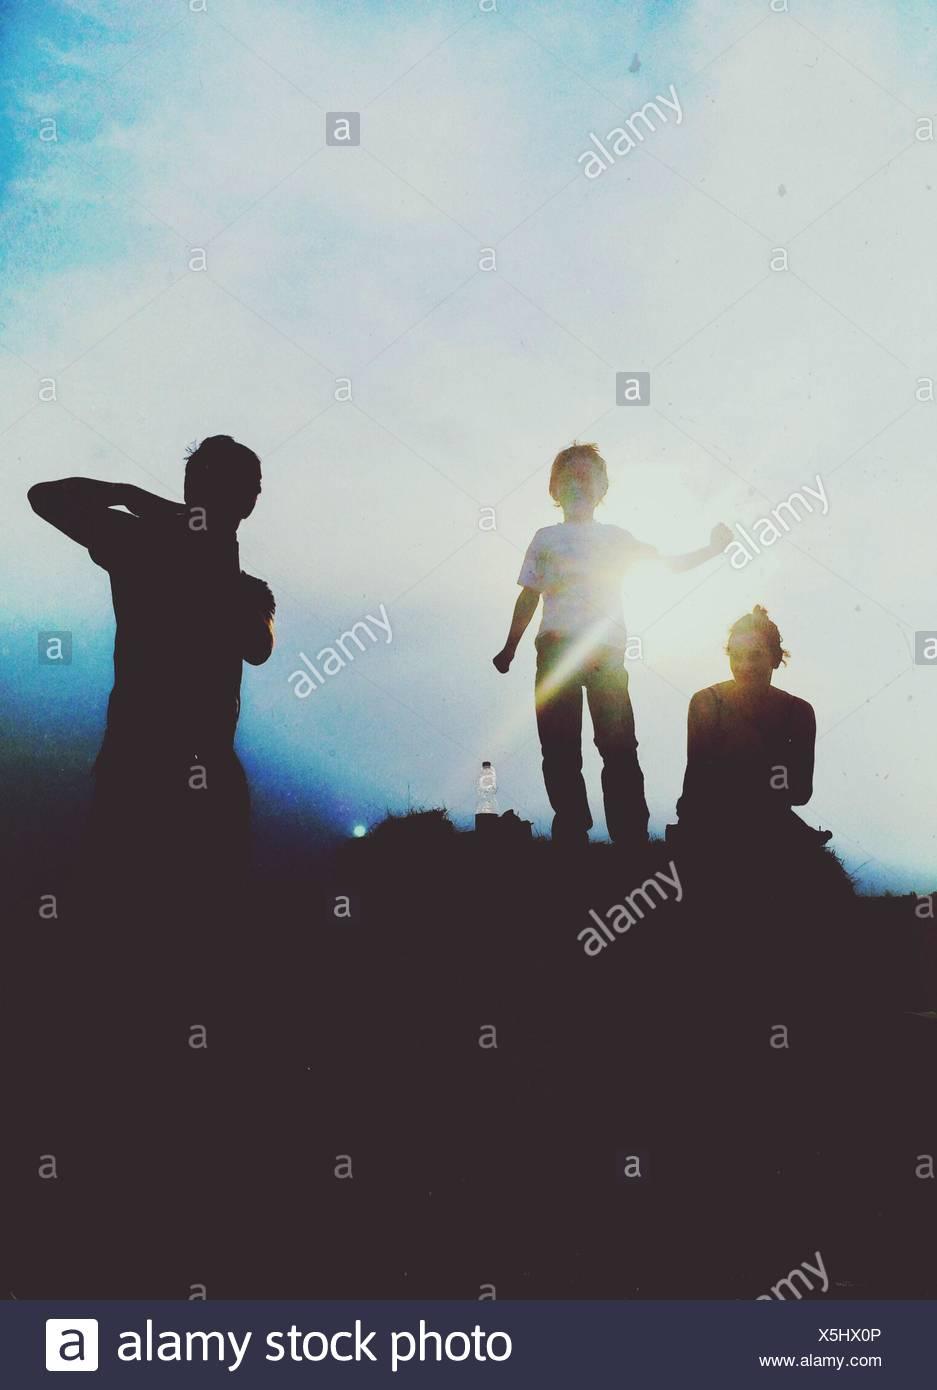 Siluetas de personas en la luz del sol Imagen De Stock